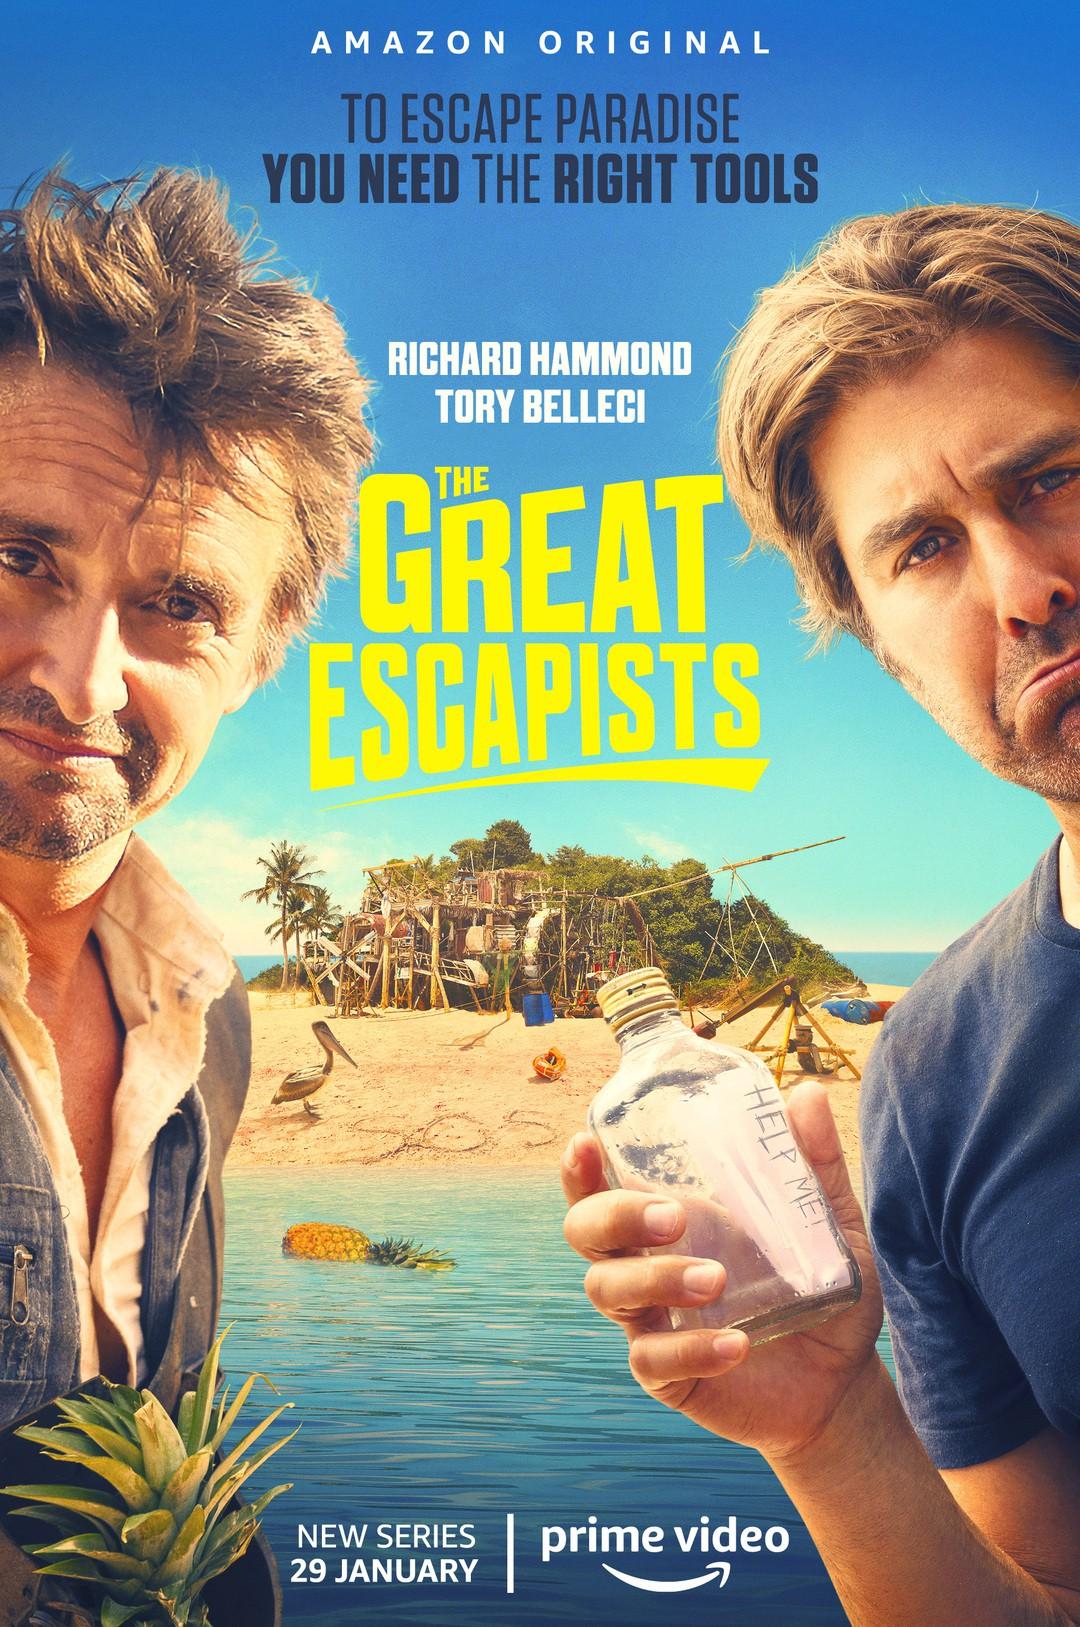 The Great Escapists Trailer - Bild 1 von 5